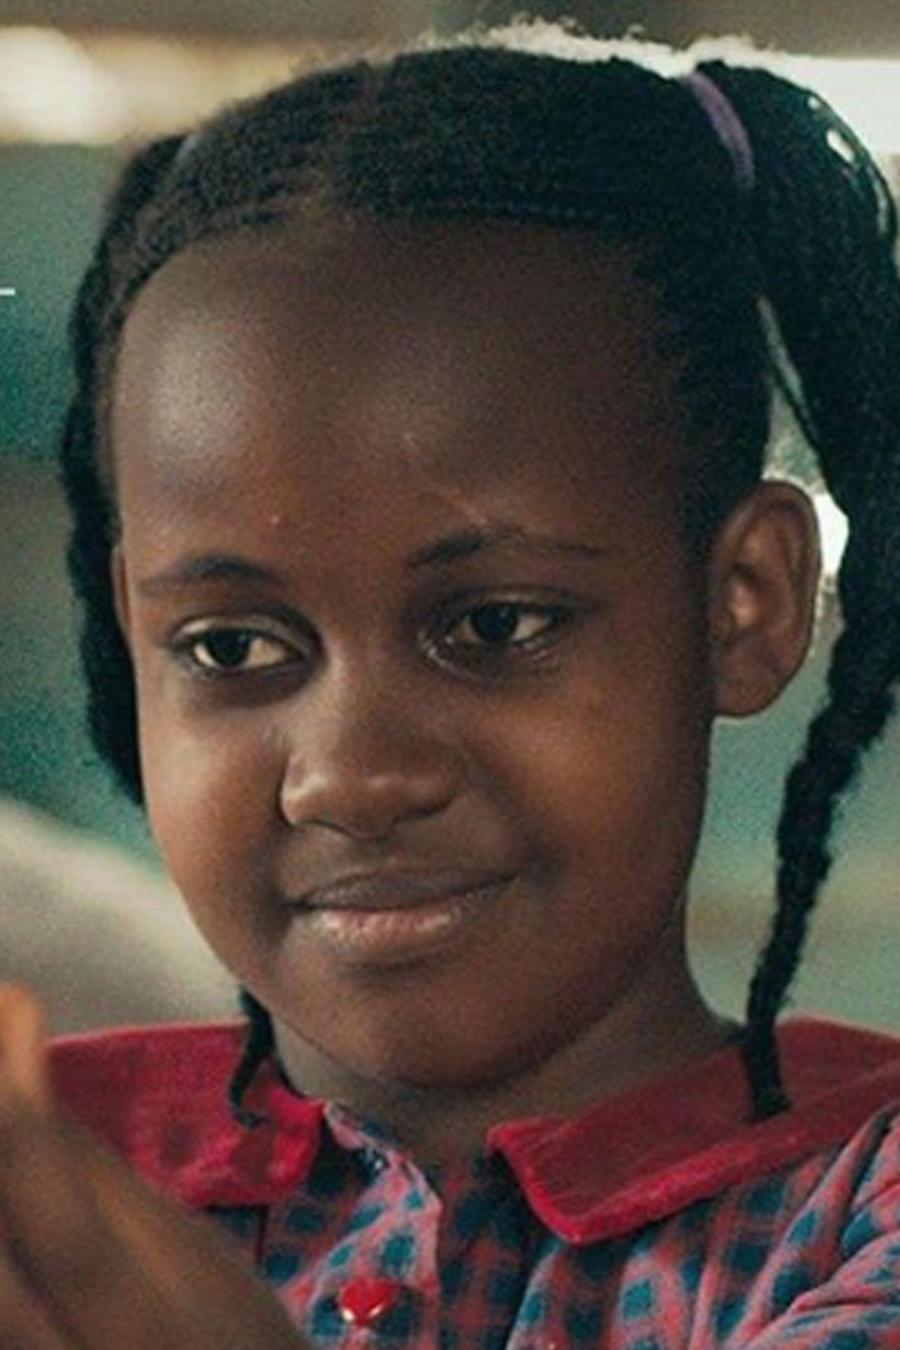 Murió Nikita Pearl Waligwa, la estrella de Disney, a los 15 años